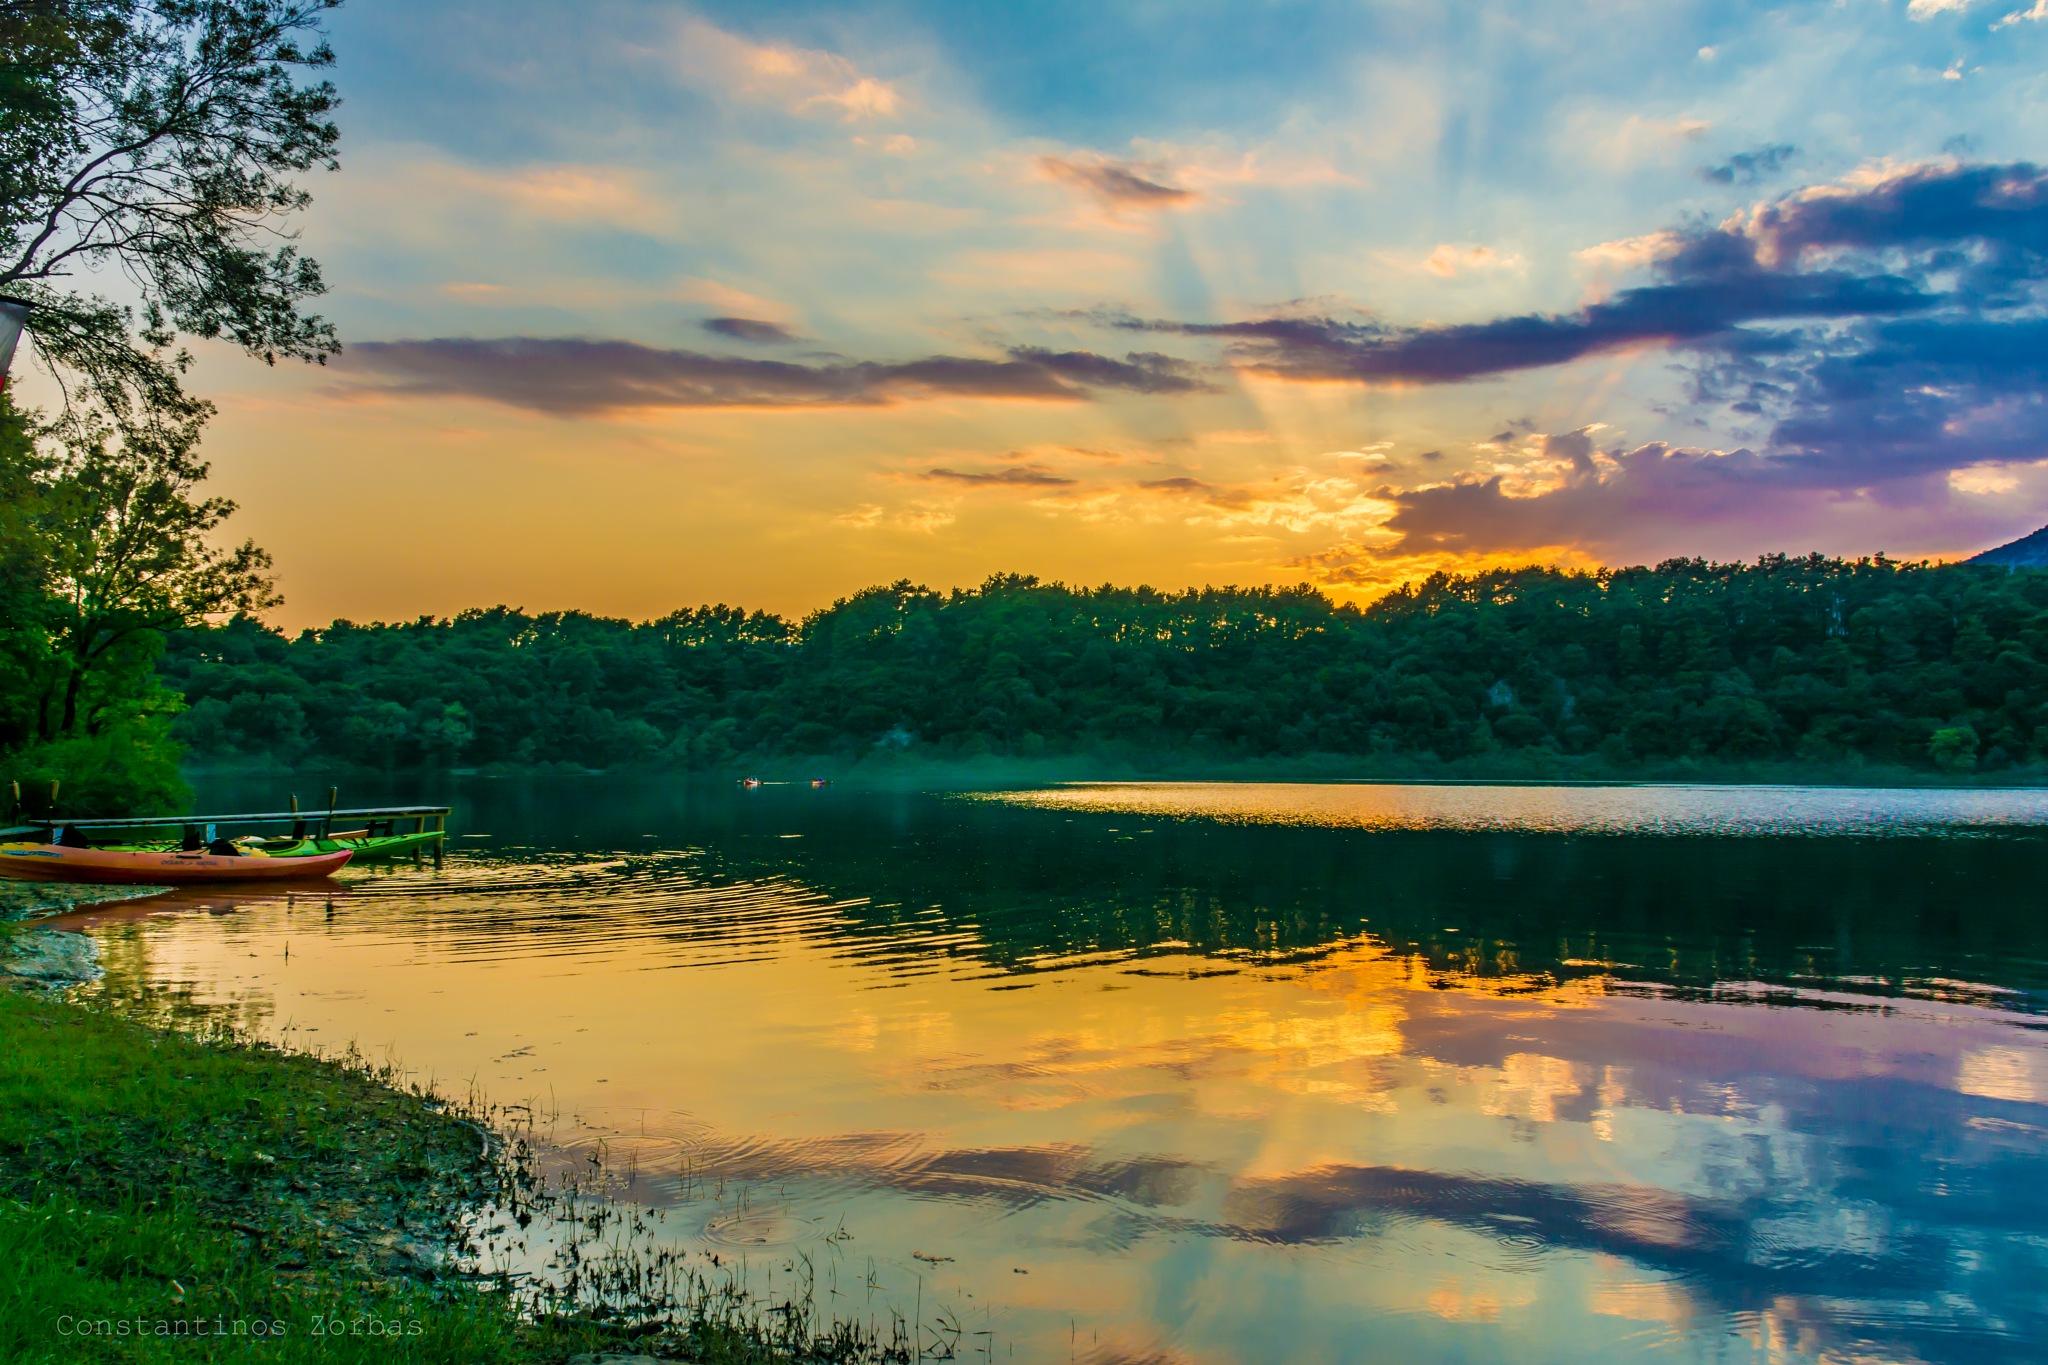 Ziros lake by Constantinos Zorbas